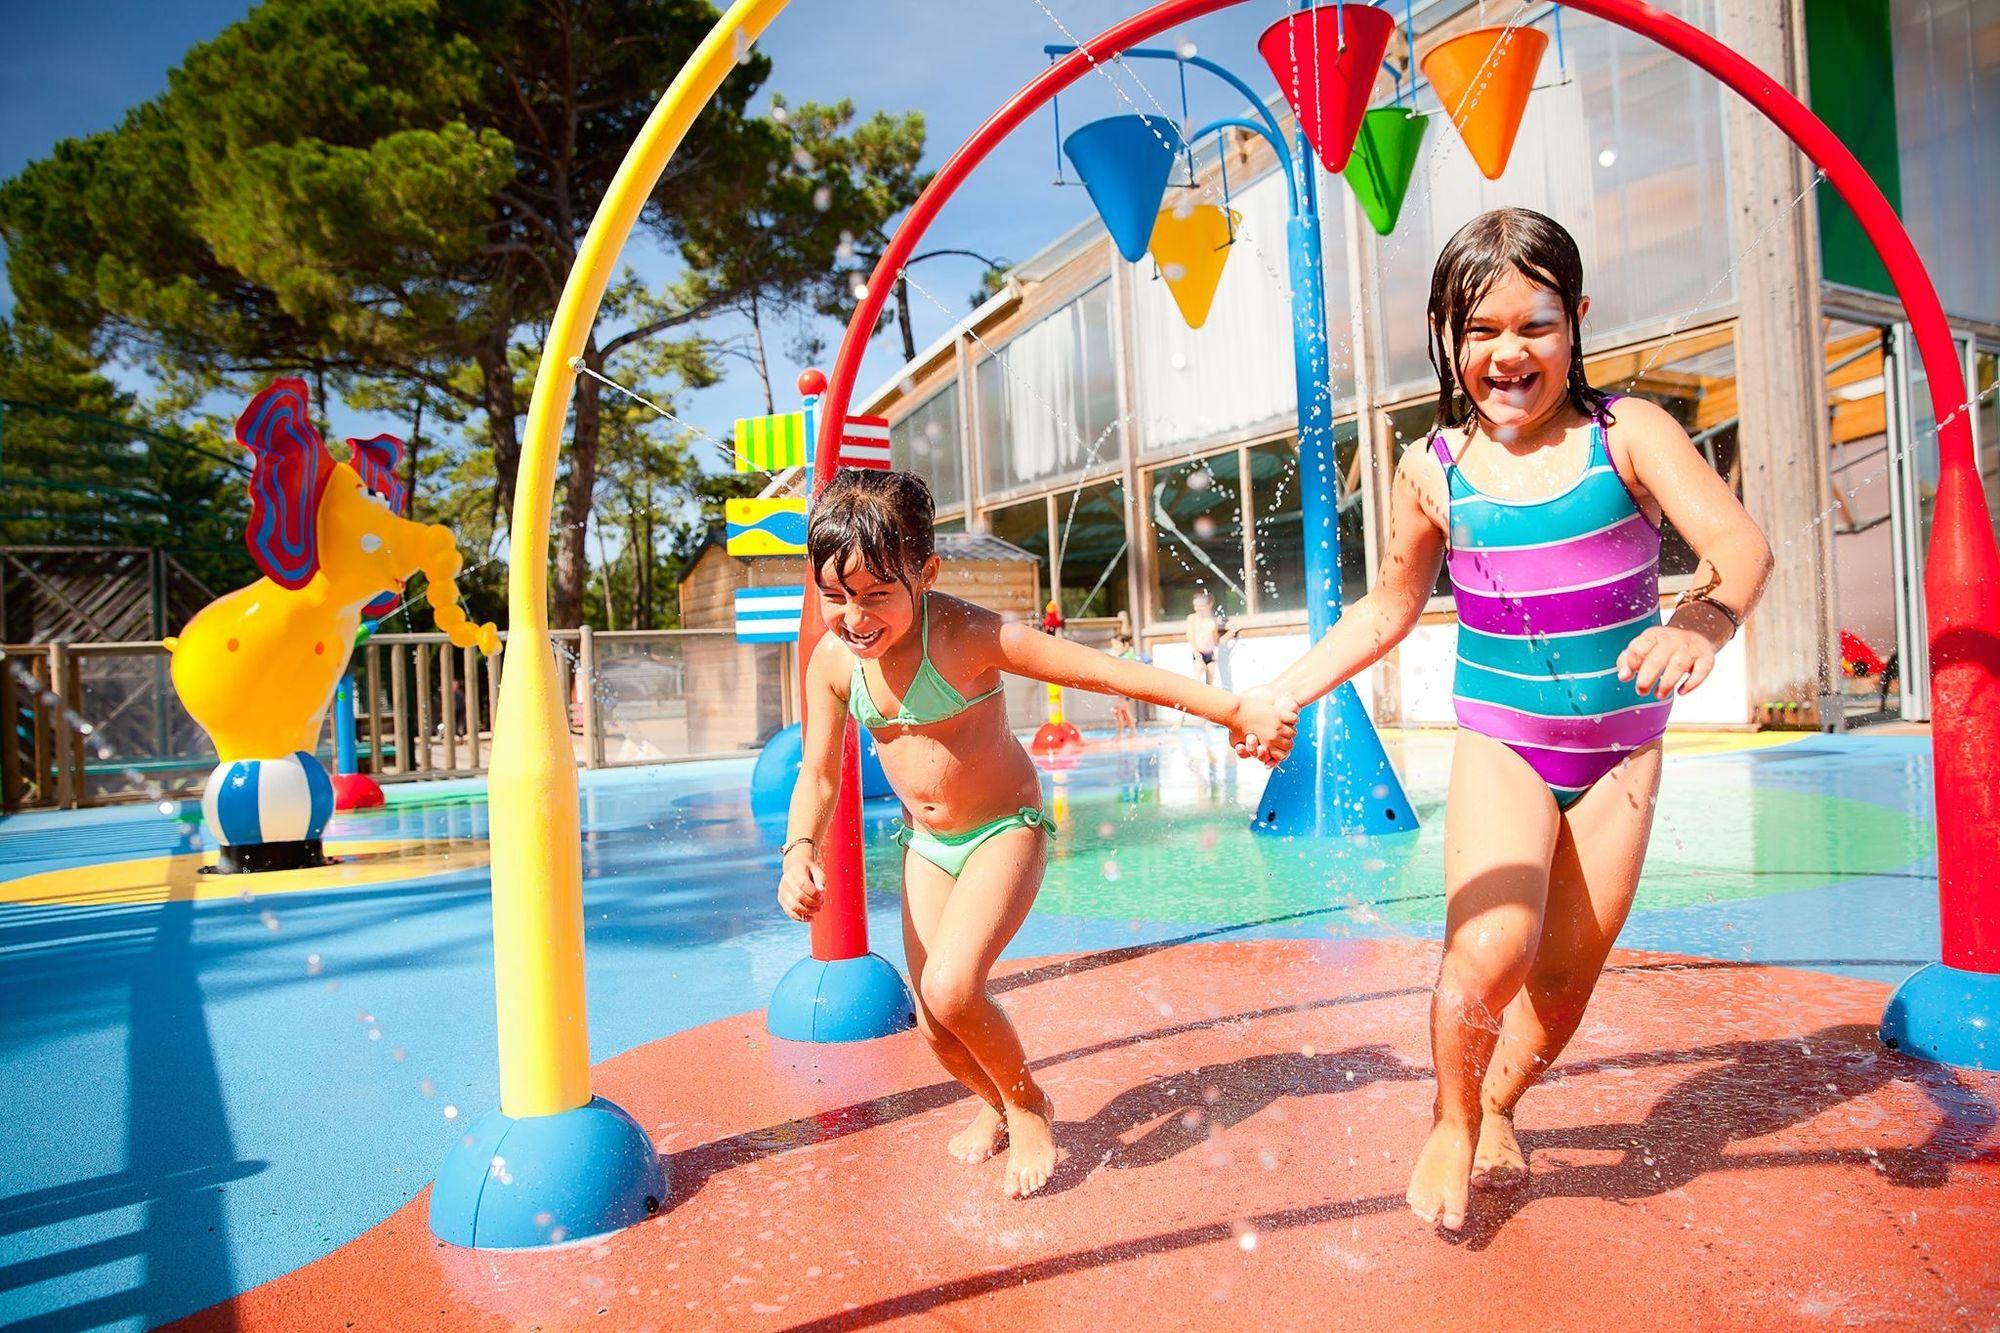 Atoll Beach pool with a Spray Park